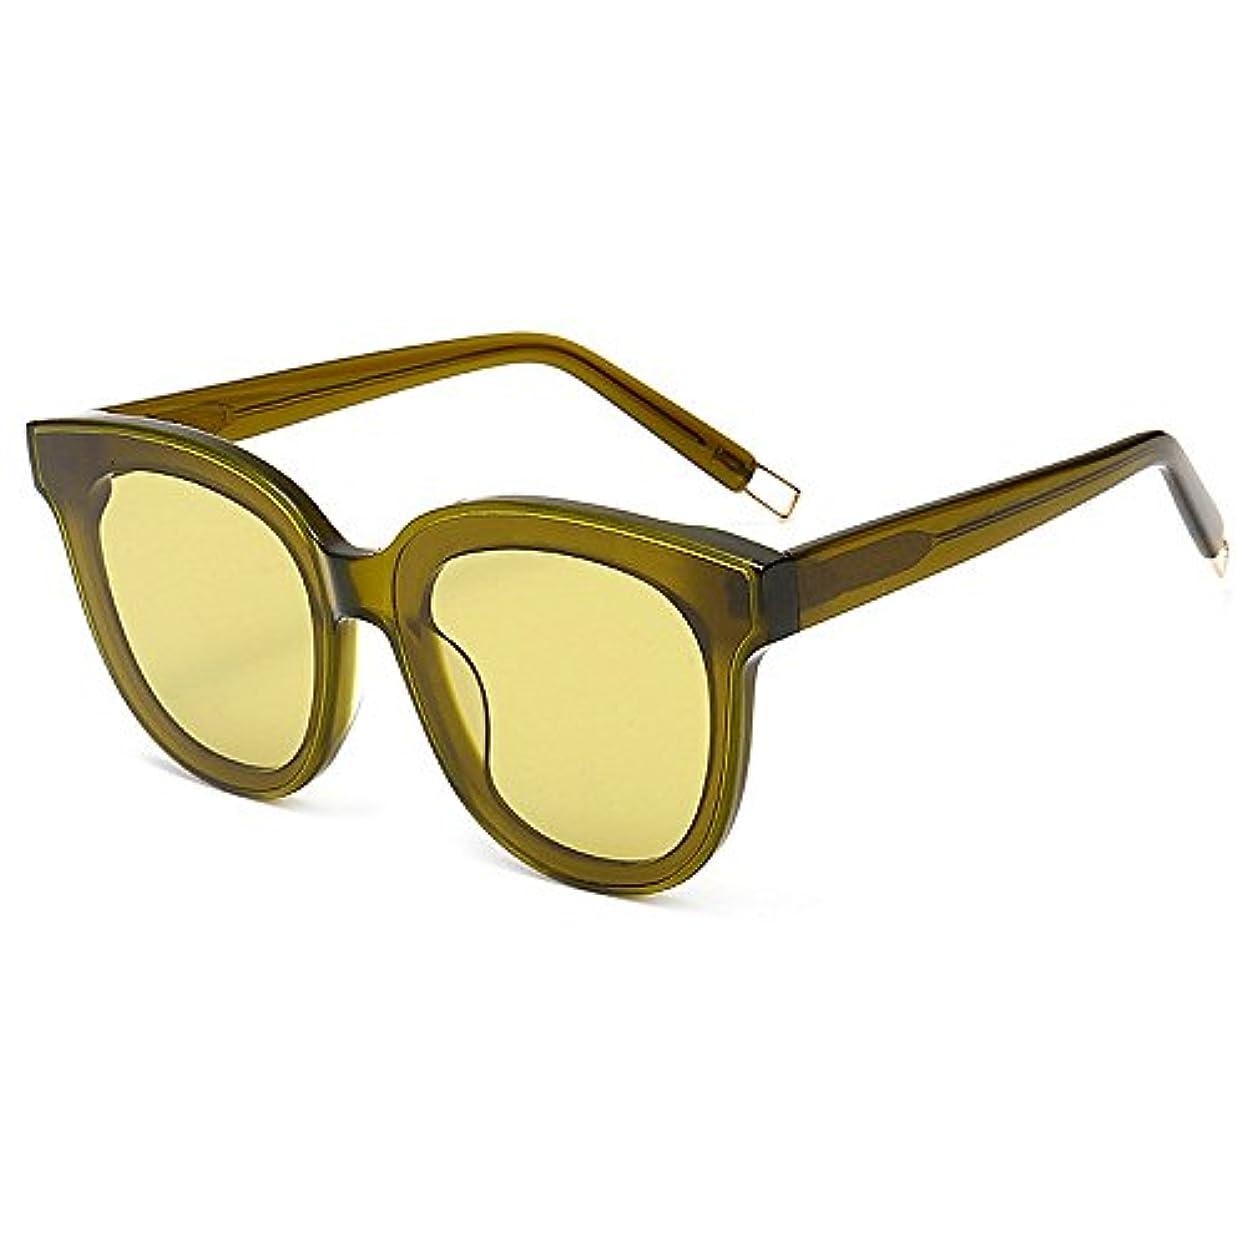 ブースウガンダワインサングラス 男性用および女性用ウェア 偏光レンズムーブメント サイクリング 防風メガネ Y-31 (Green)